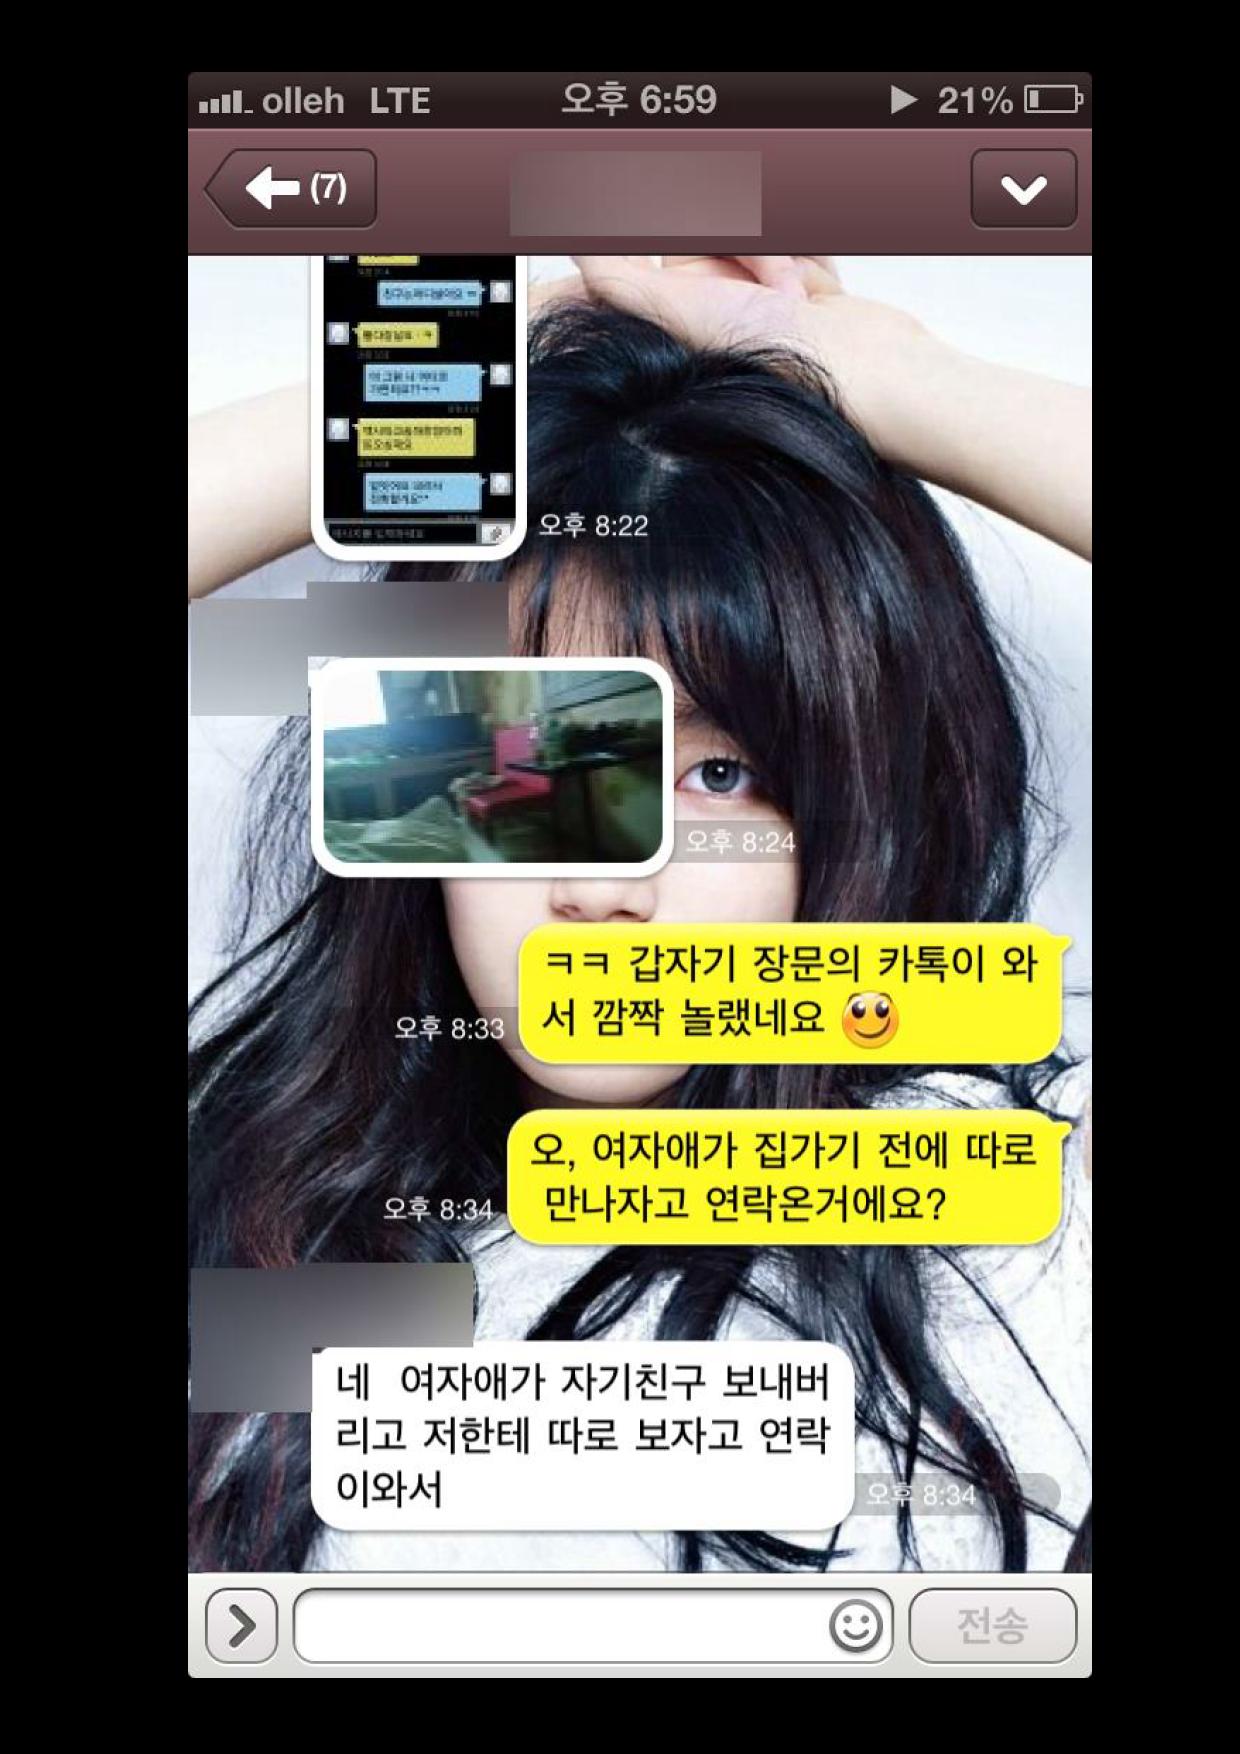 본 머티리어 1회차 홍보글 v3(수강후기 따로 편집요함)_29.png